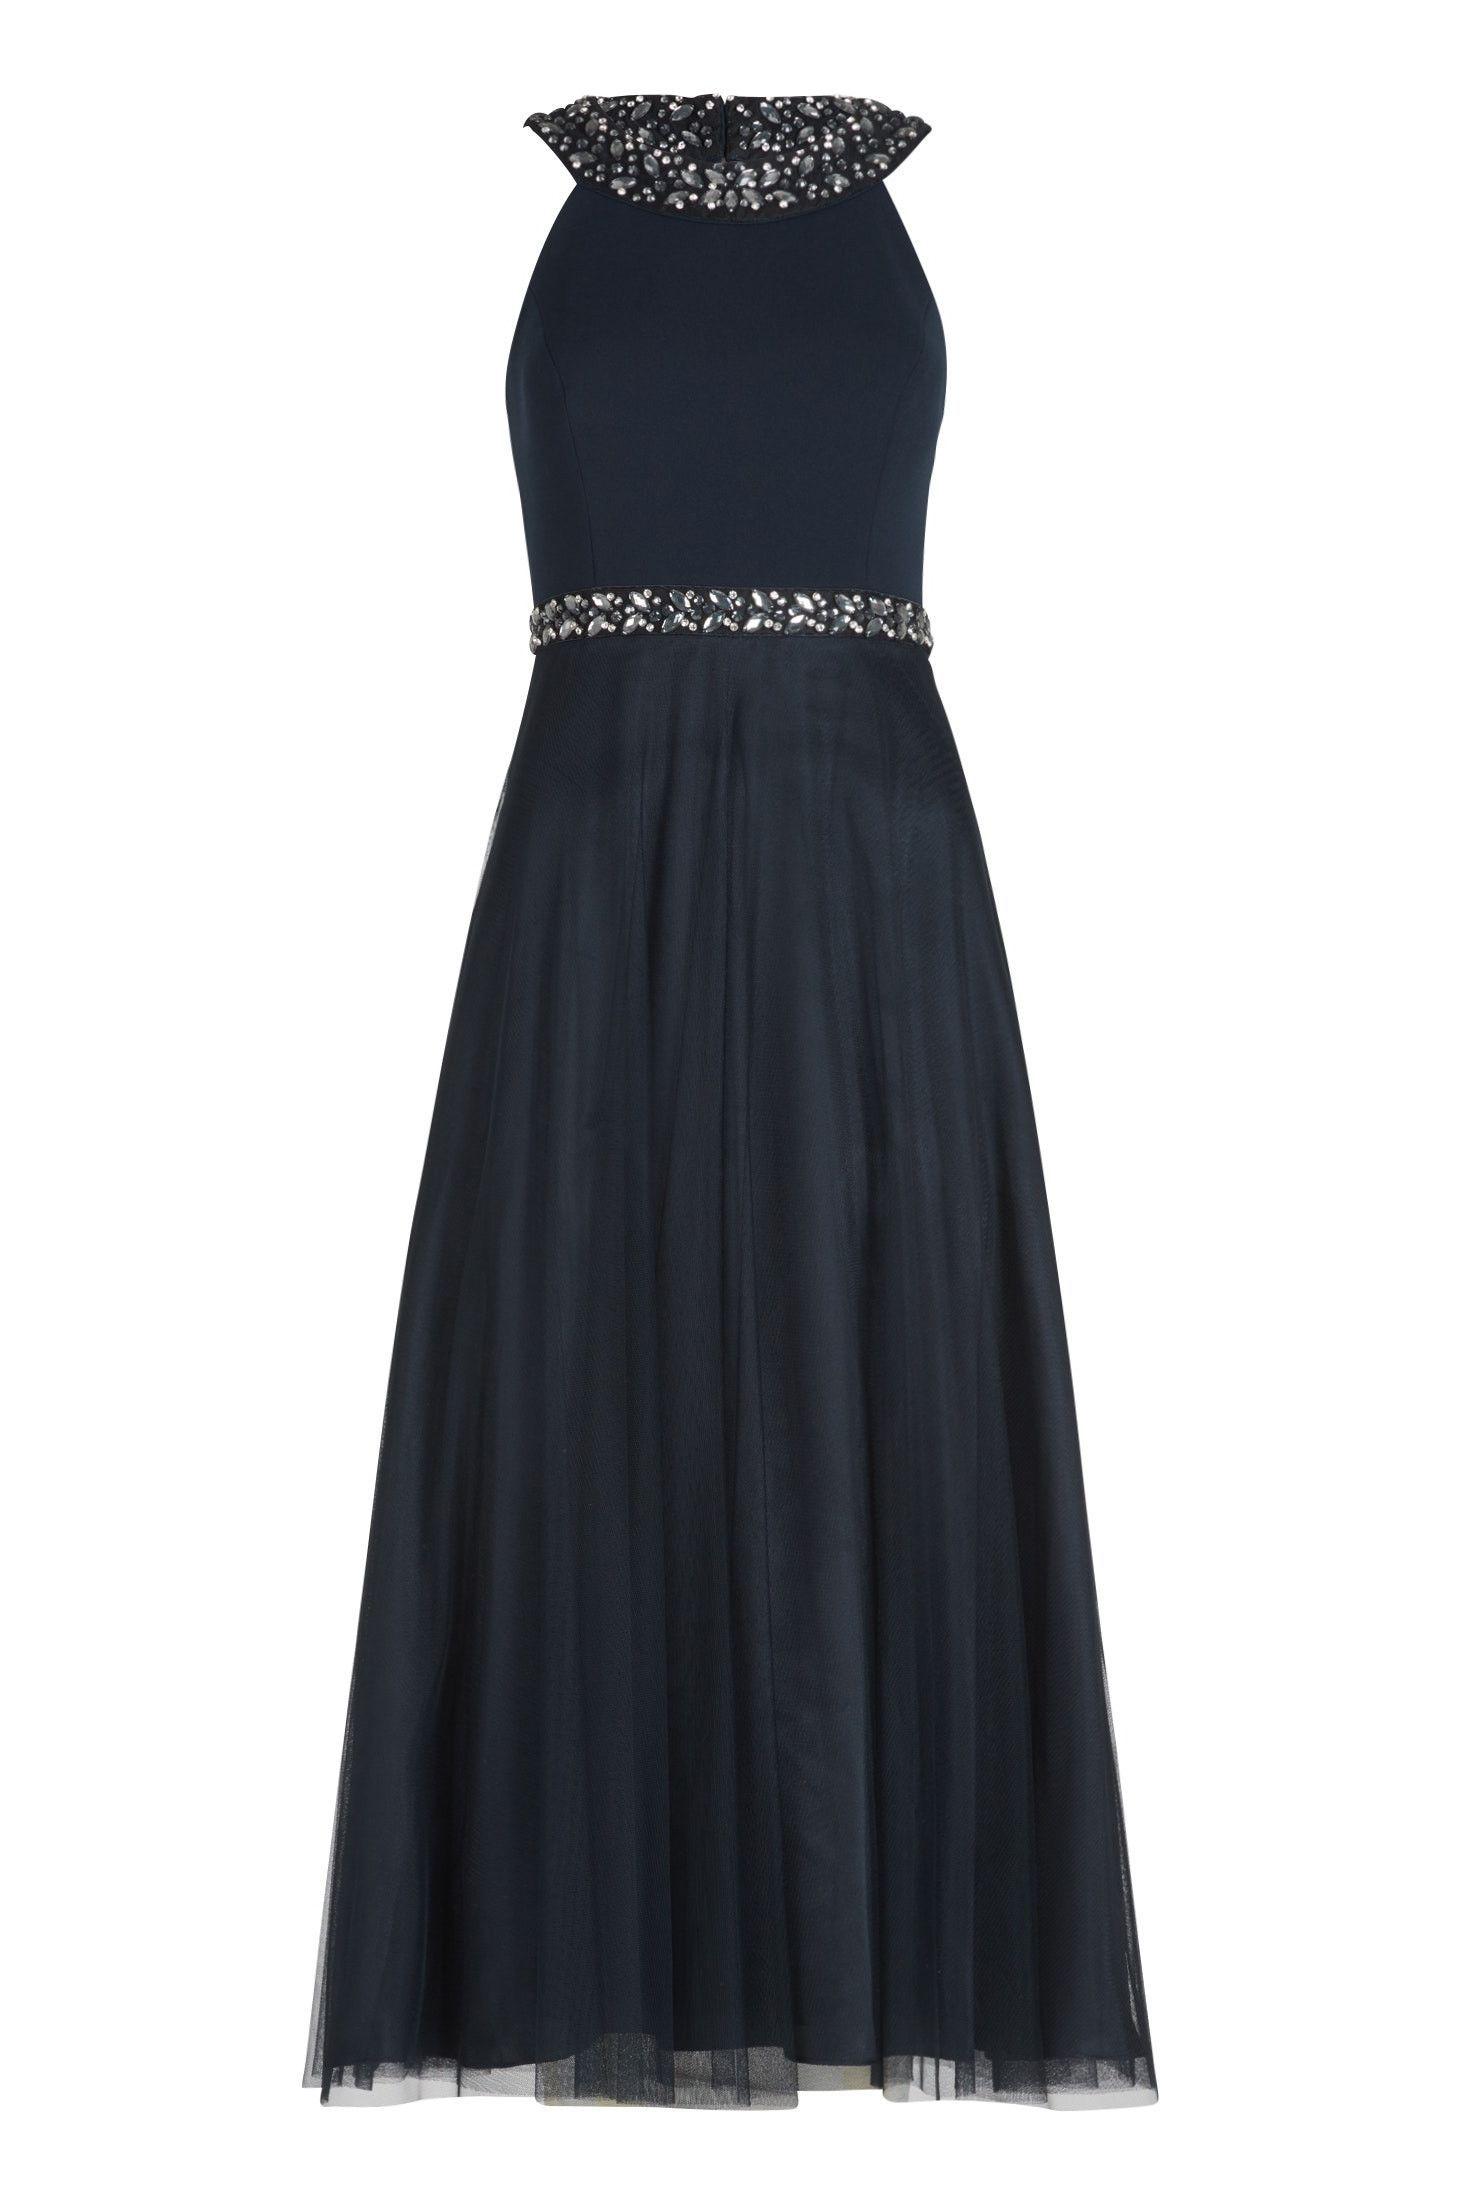 Midi Kleid mit elastischem Oberteil und feinem Tüllrock von Vera